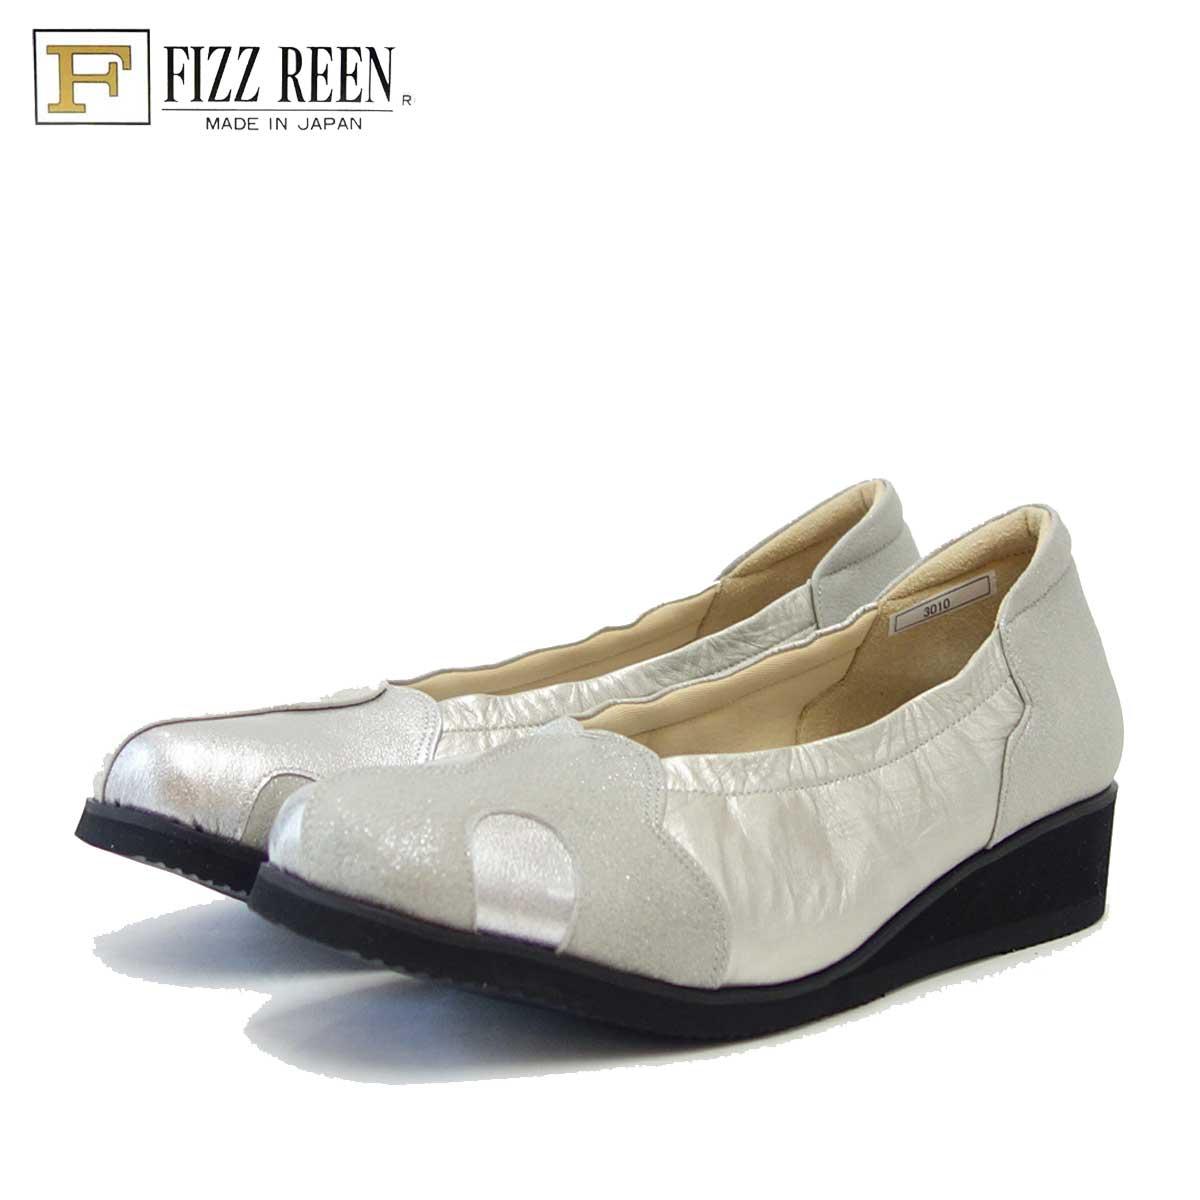 フィズリーン FIZZ REEN 3010 シルバー(レディース) 快適EEEEのウェッジパンプス(日本製)「靴」